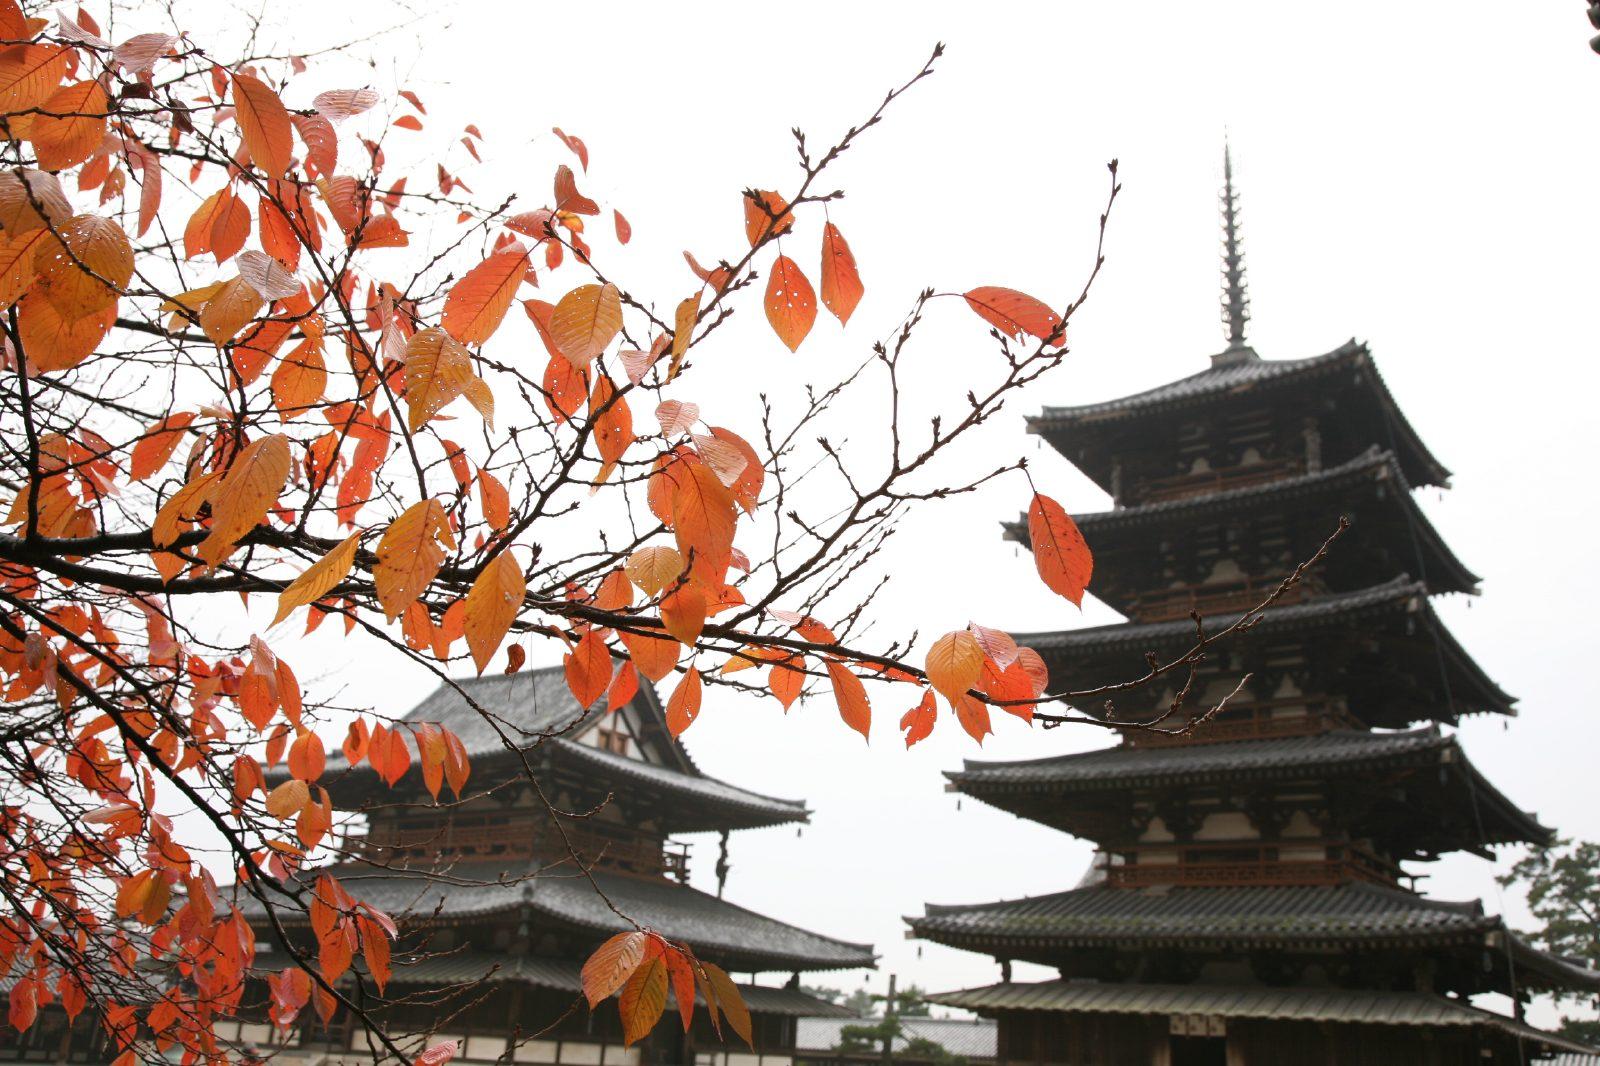 秋の法隆寺 | JAPAN WEB MAGAZINE